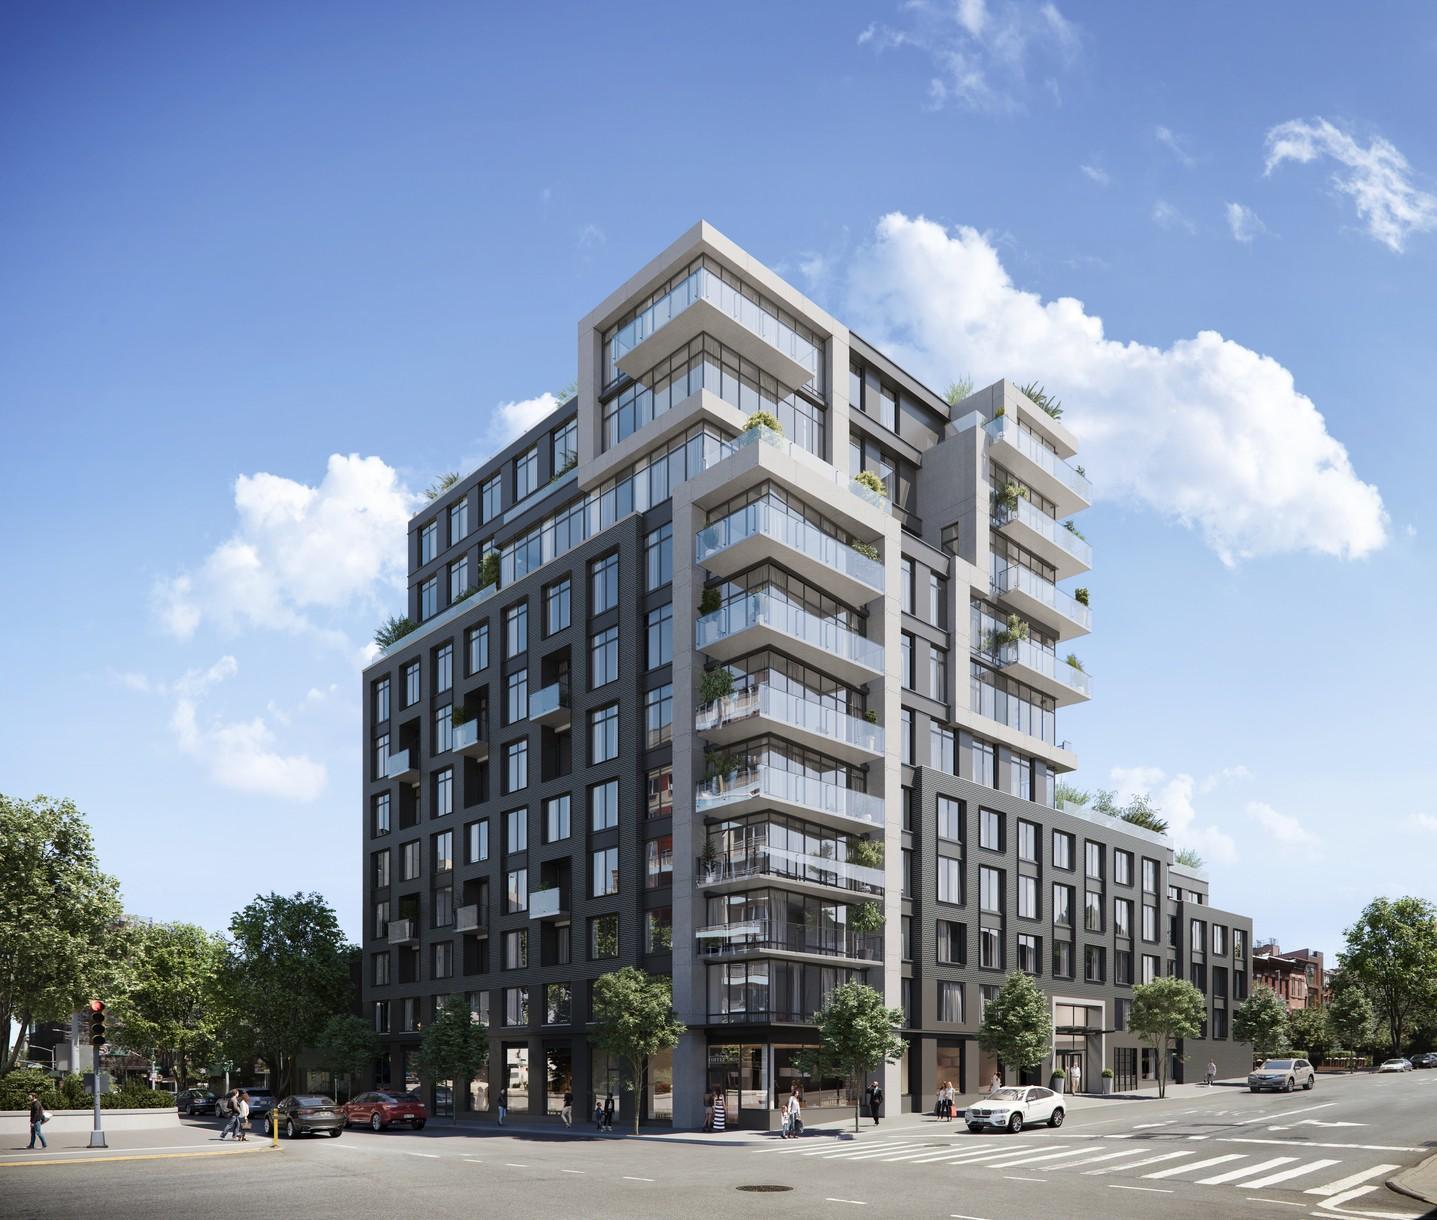 575 Fourth Avenue